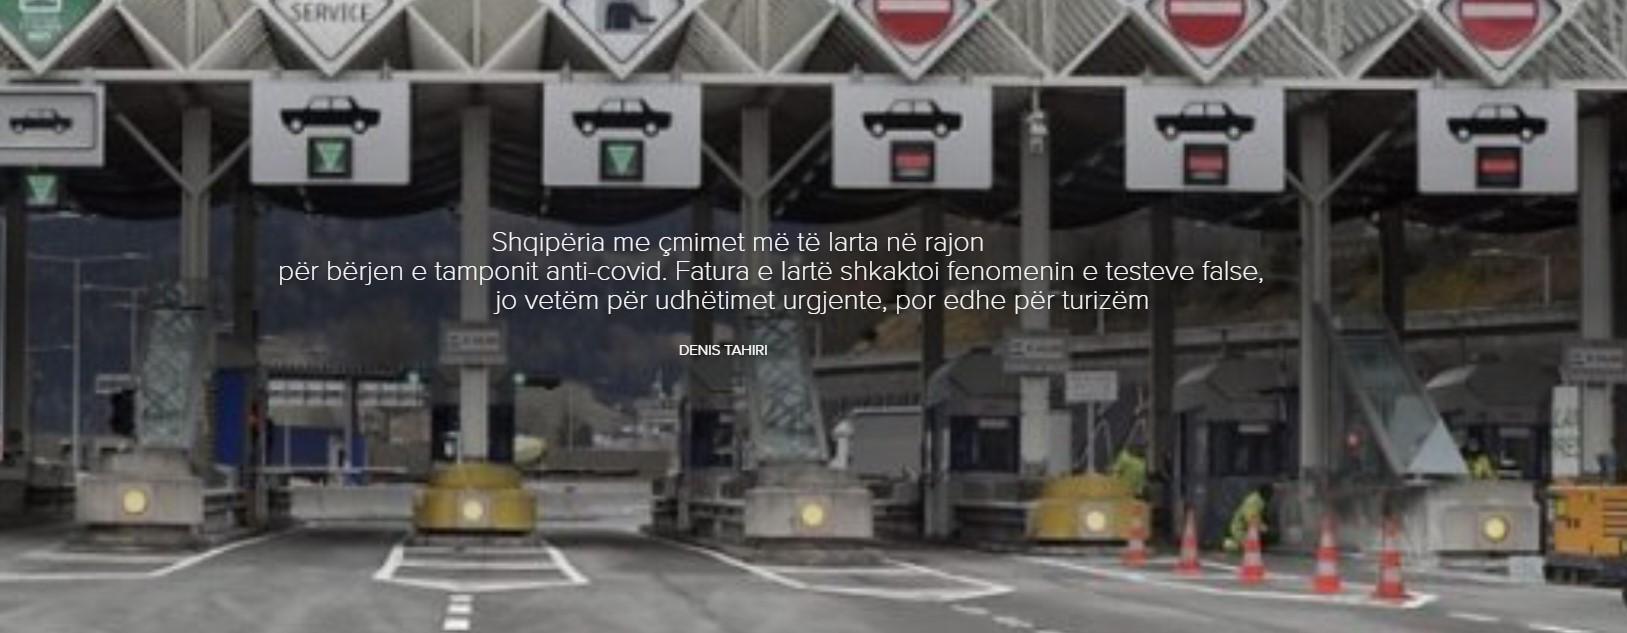 Shqipëria me çmimet më të larta në rajon për bërjen e tamponit anti-covid.  Fatura e lartë shkaktoi fenomenin e testeve false, jo vetëm për udhëtimet urgjente, por edhe për turizëm